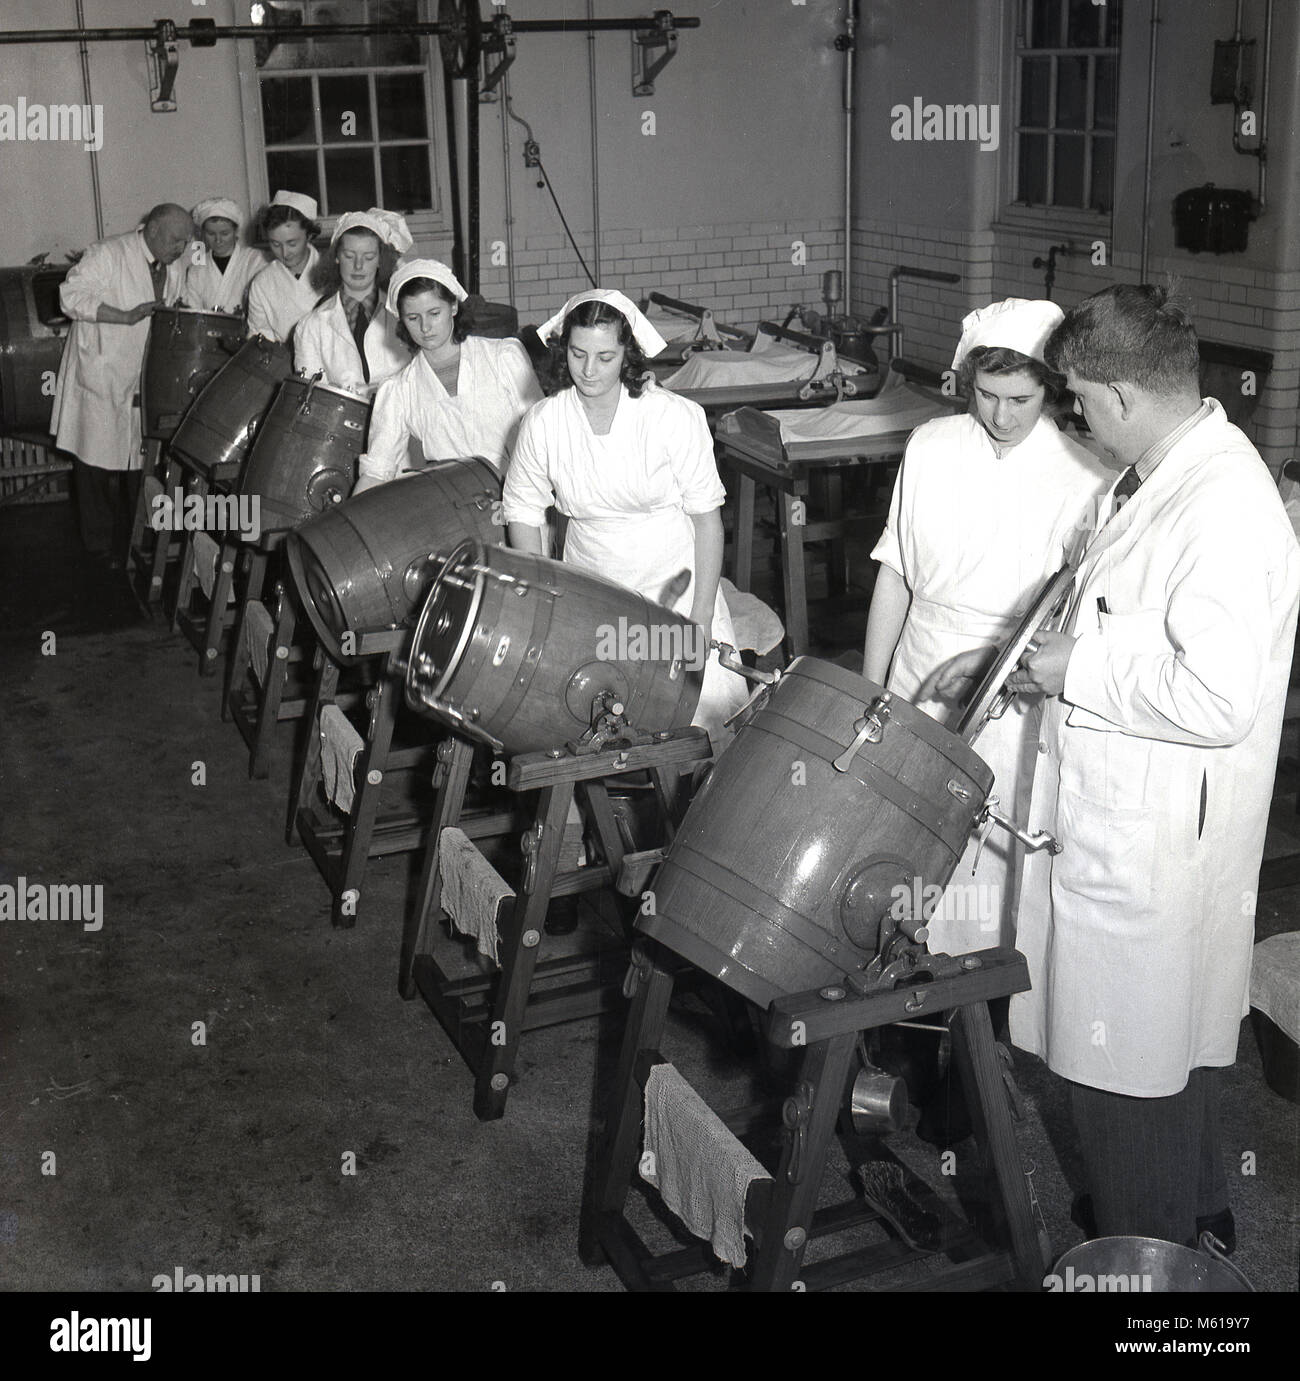 Années 1950, historiques, enseignant dans une laiterie montrant un groupe d'apprenants de sexe féminin Photo Stock